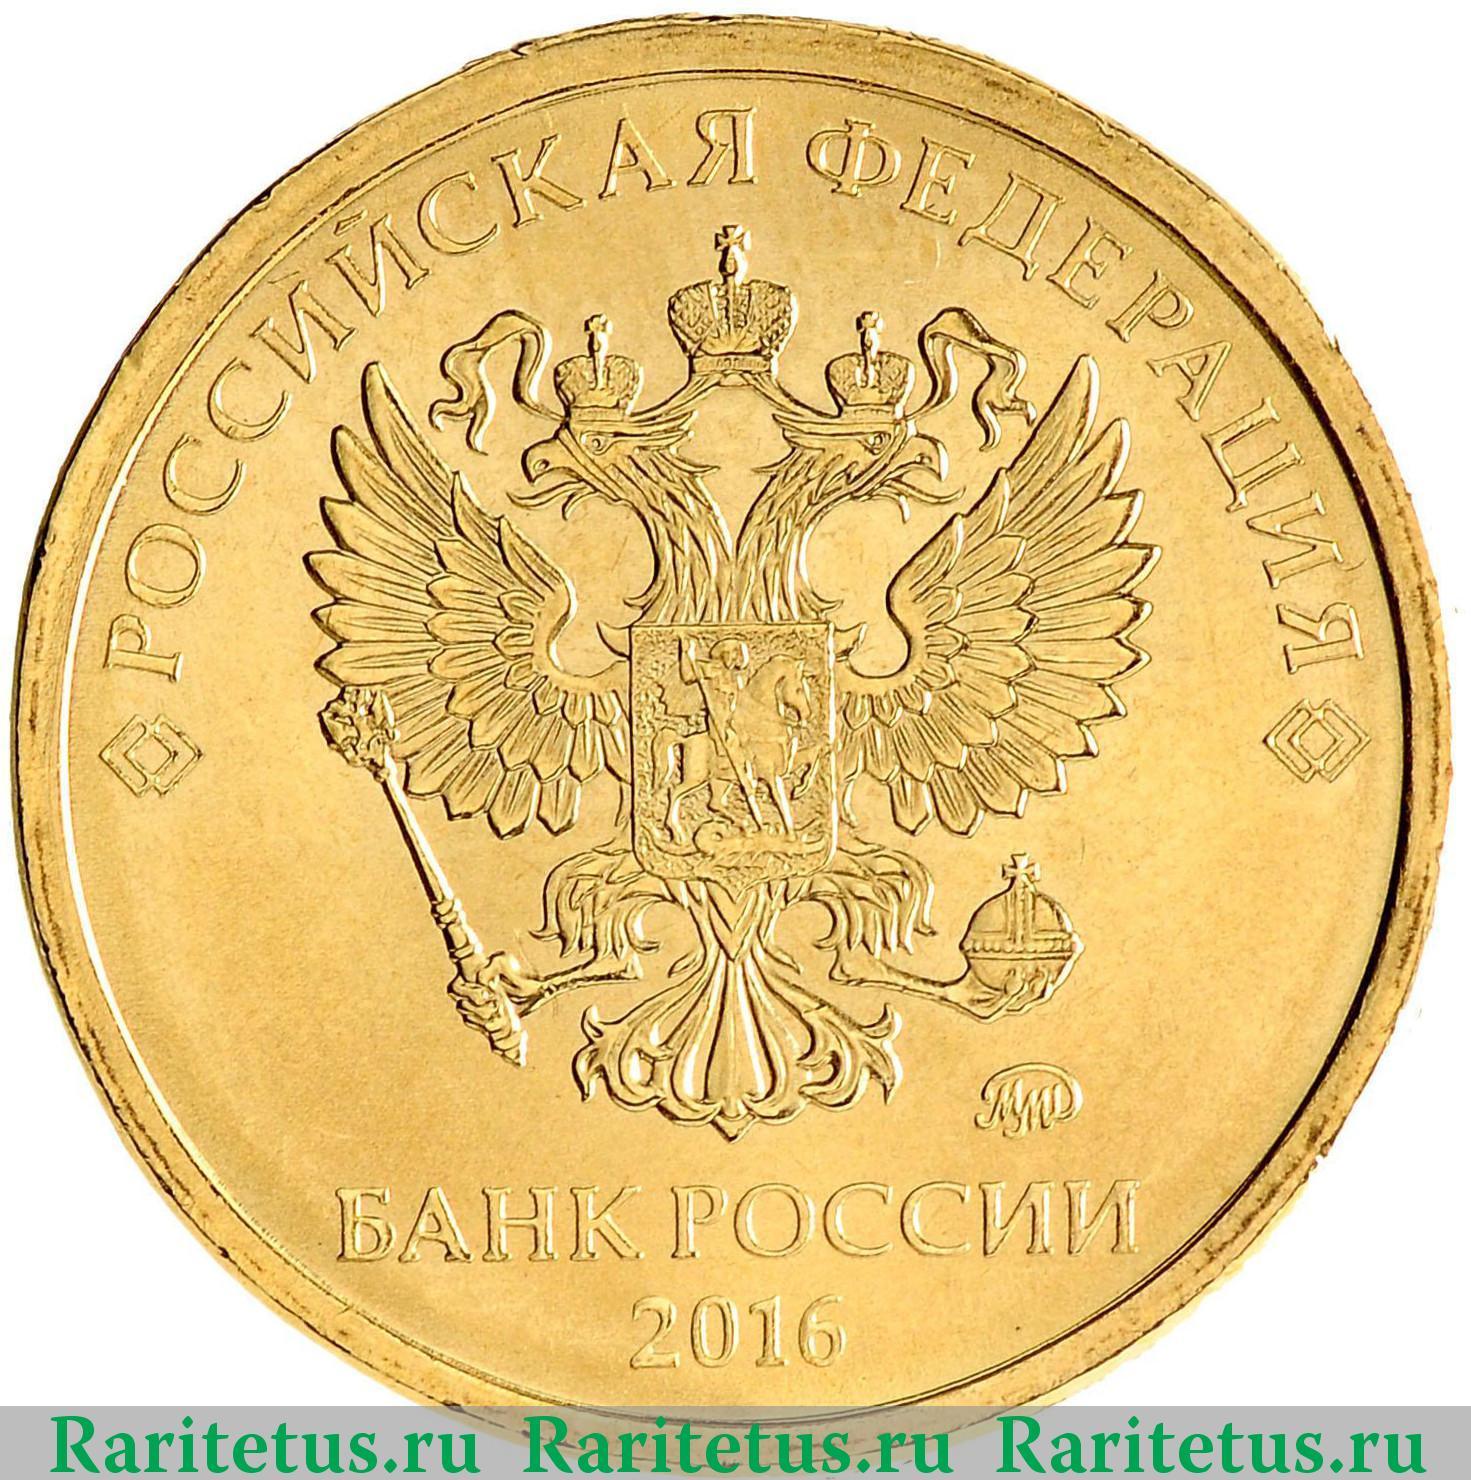 Образцы монет 10 рублей объединенное королевство нидерландов